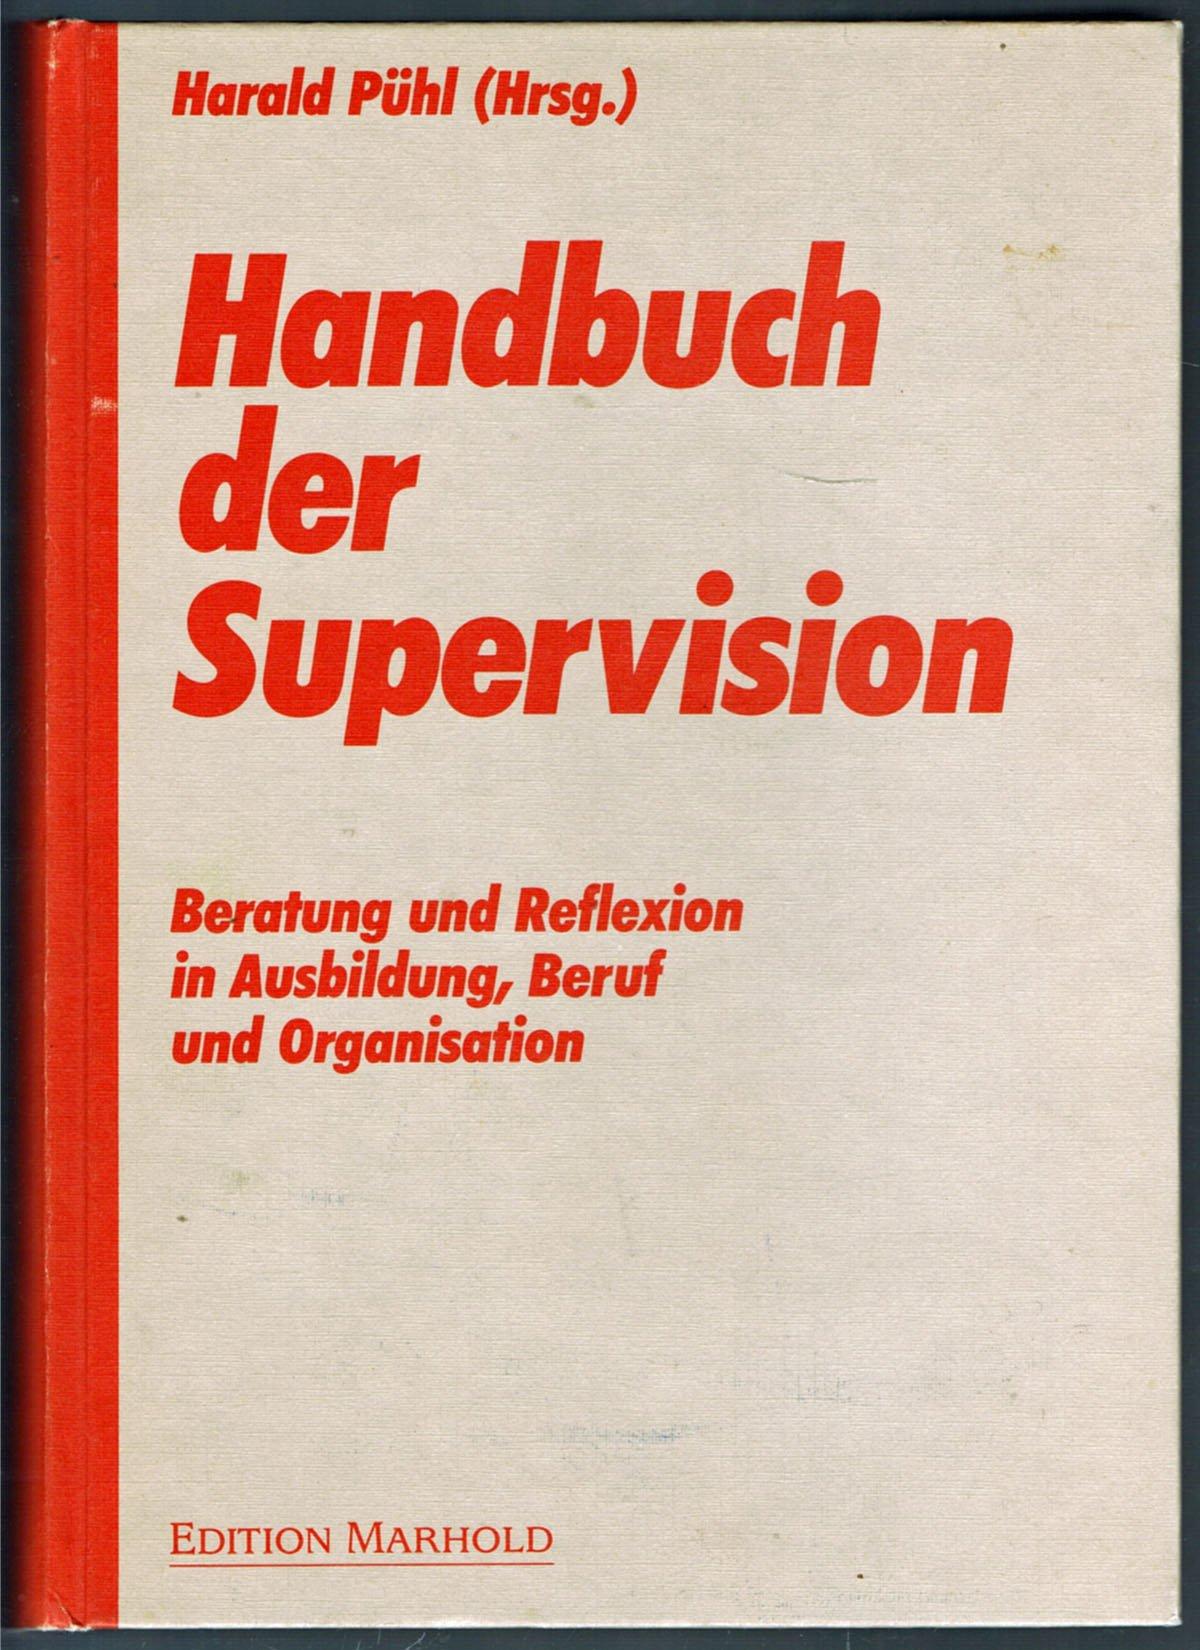 Handbuch der Supervision: Beratung und Reflexion in Ausbildung, Beruf und Organisation